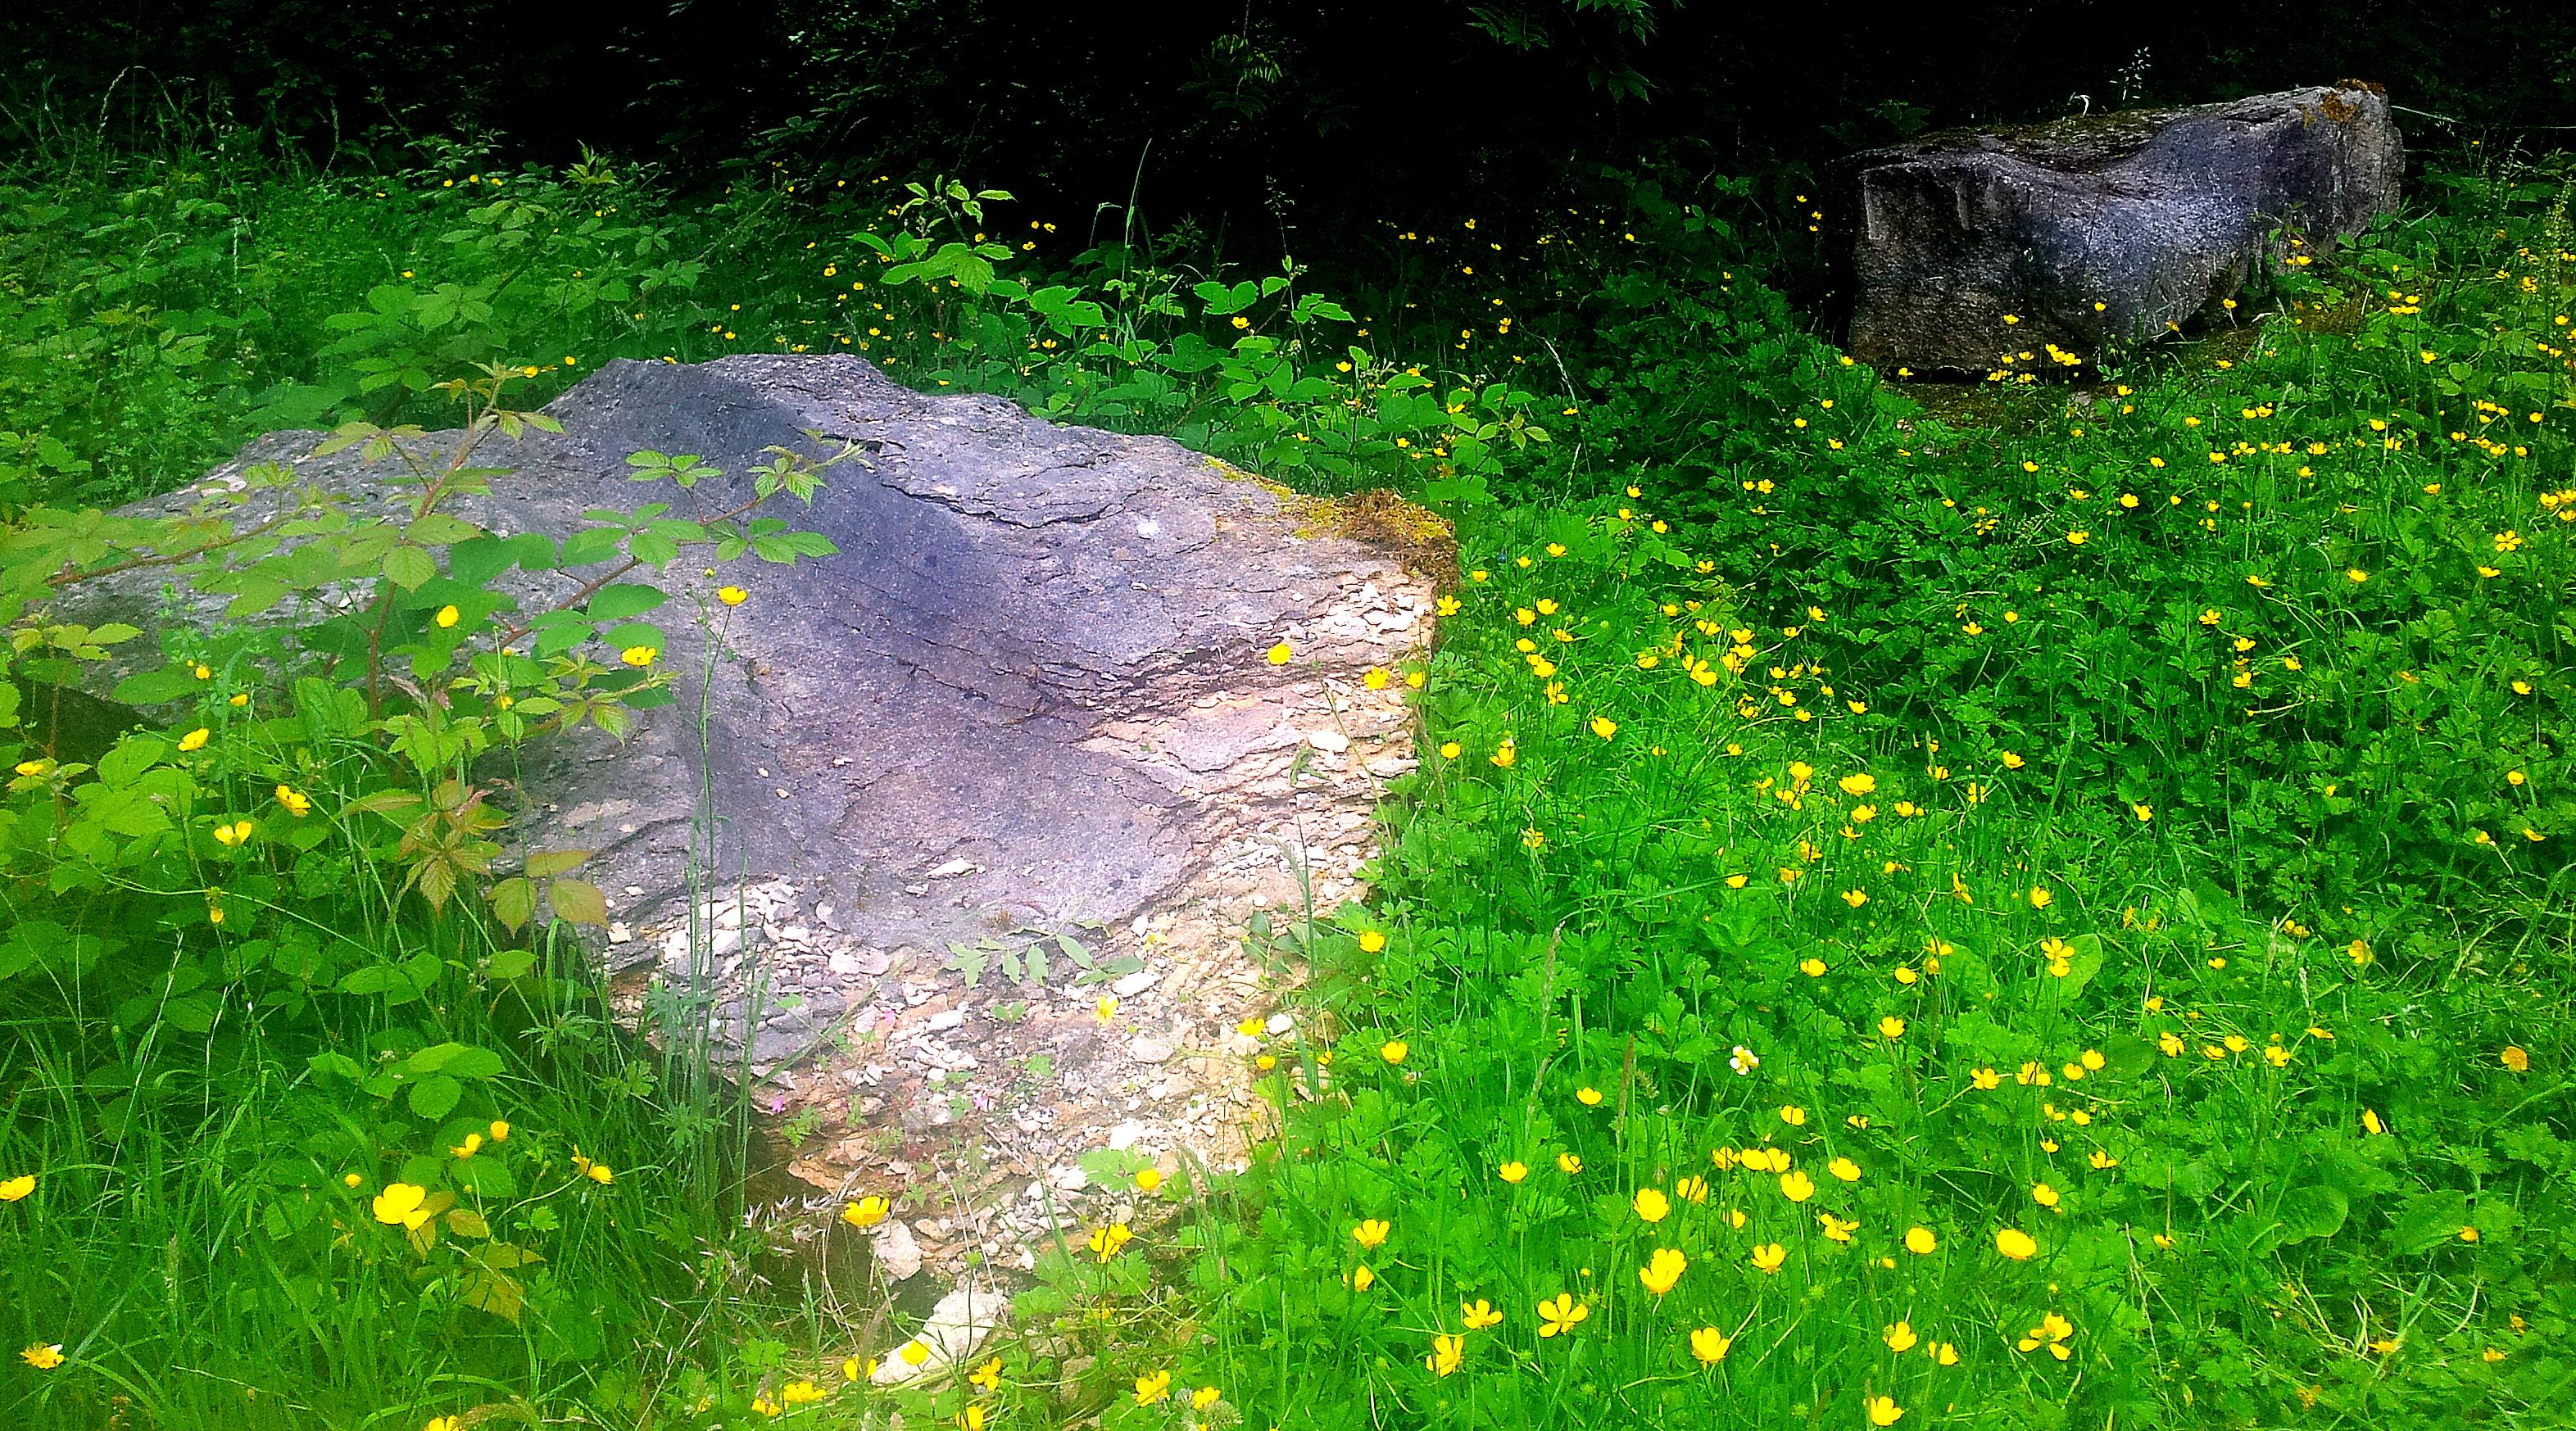 'Passage' Eden Benchmarks, Stenkrith Park, Kirkby Stephen. Crumbling.